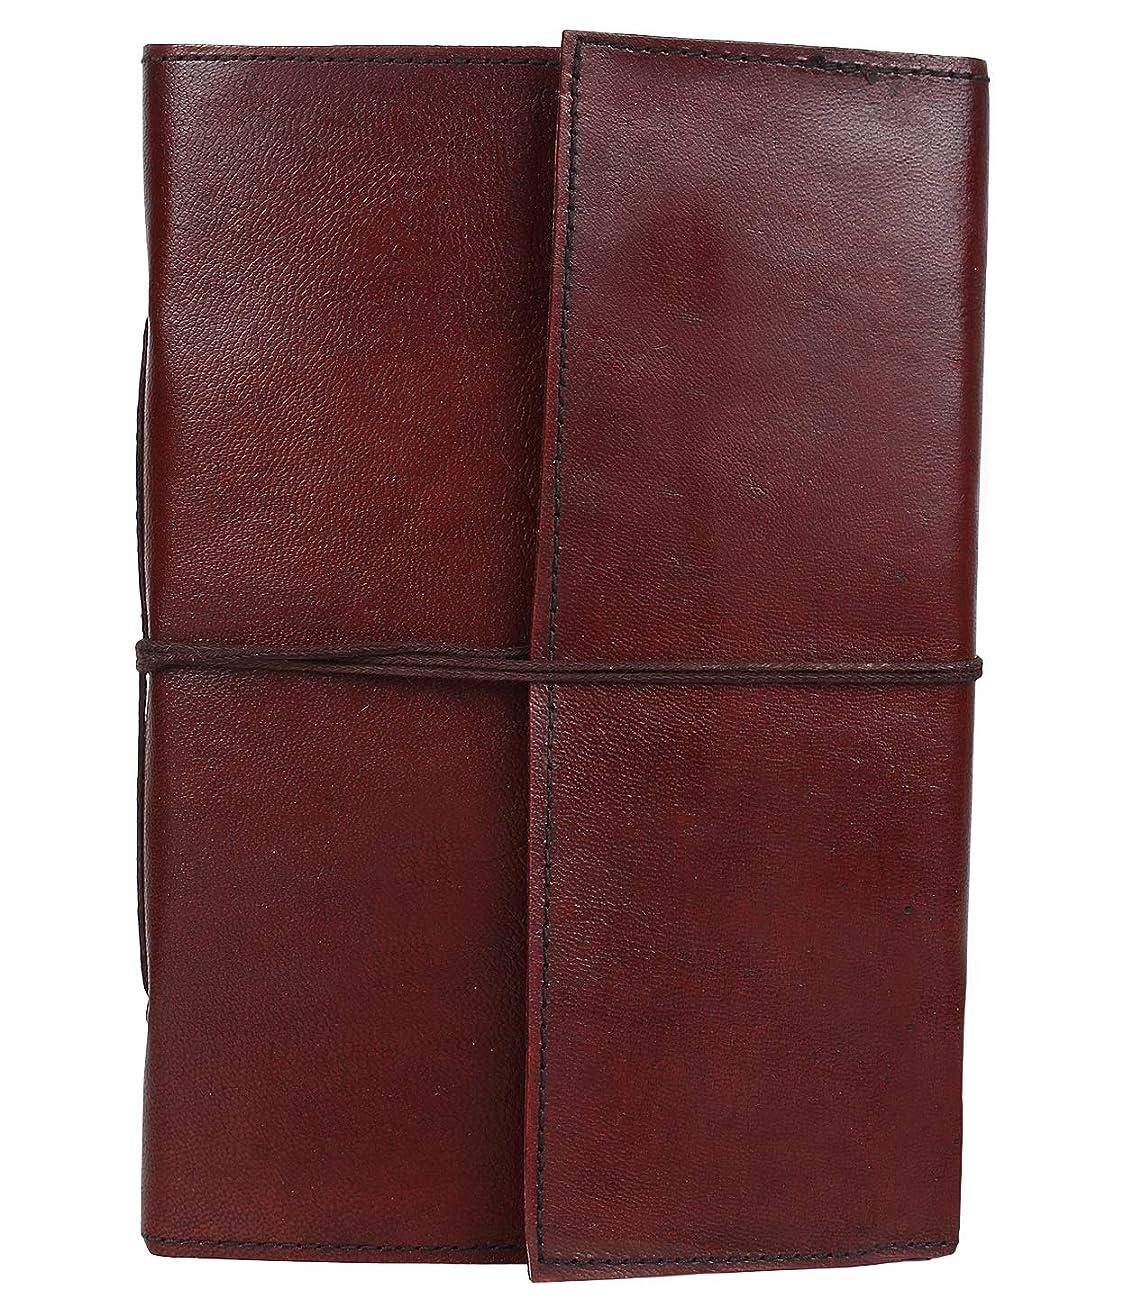 衝突積分一回レザージャーナルライティングノートブック – アンティークハンドメイドレザーバウンド デイリーメモ帳 メンズ&レディース 罫線なしペーパー 7 x 5インチ アートスケッチブック、旅行日記&ノートブック 書いて書き込みするのに最適なギフト